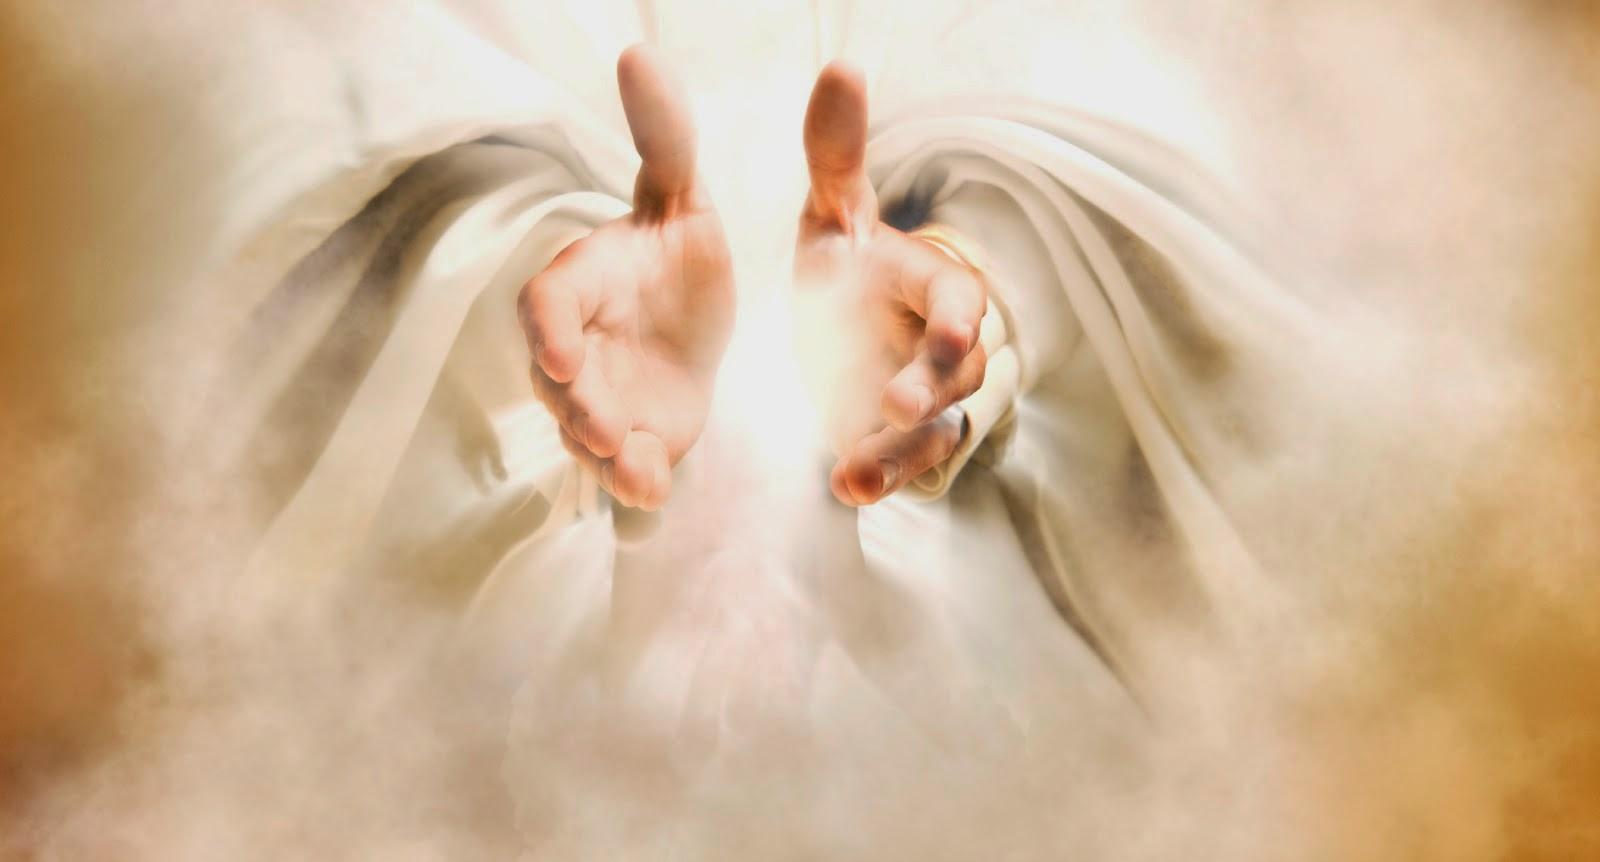 https://openarmsaustralia.org/wp-content/uploads/2015/02/jesus-hands.jpg